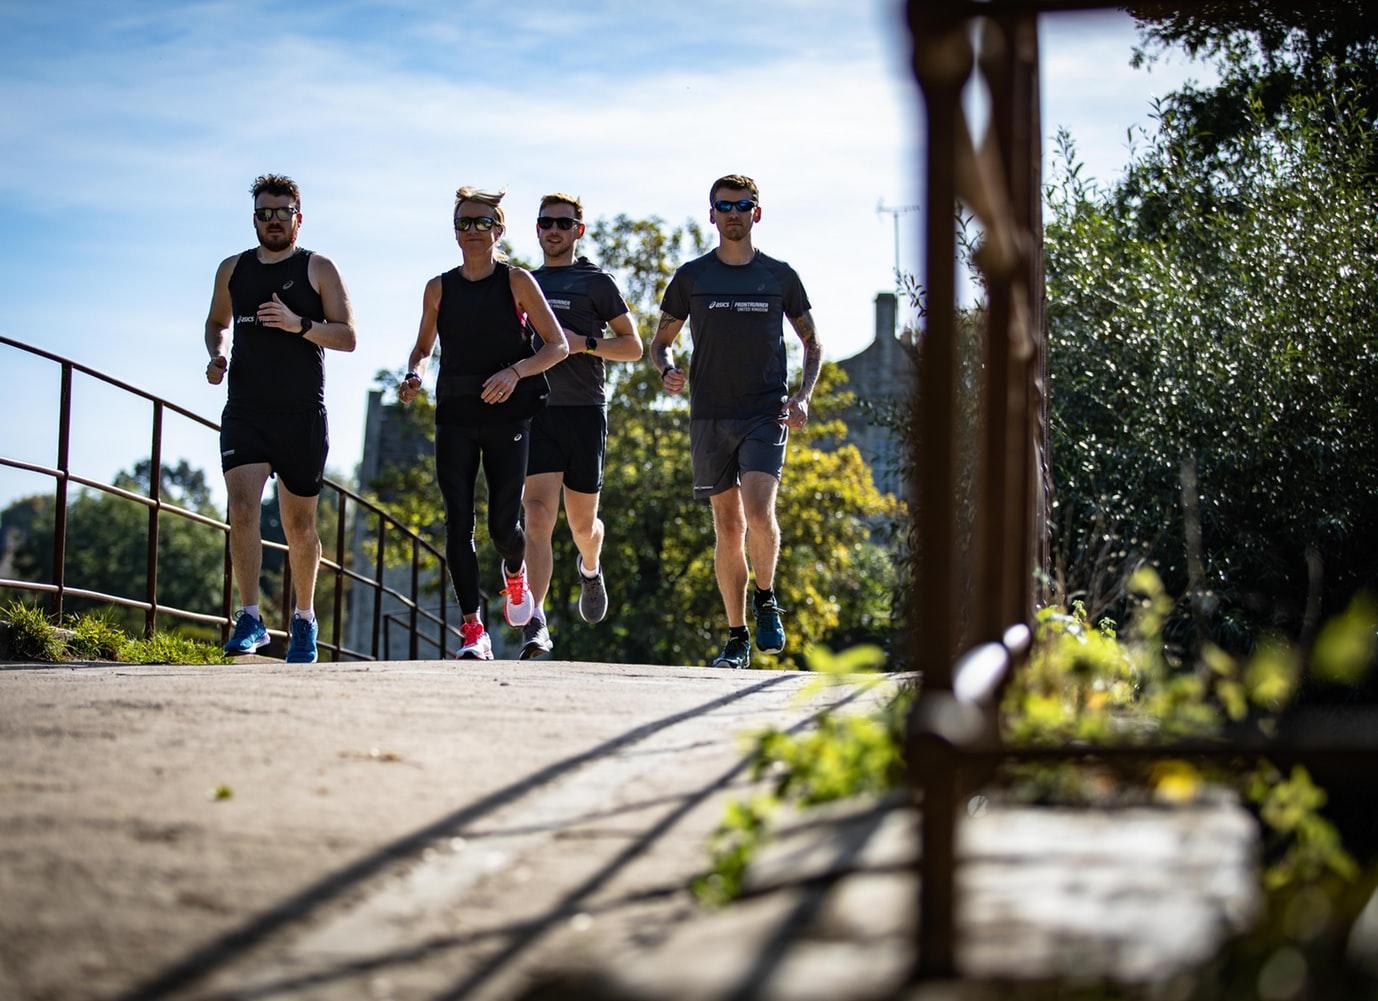 Quelles solutions naturelles pour récupérer après une séance de sport ?